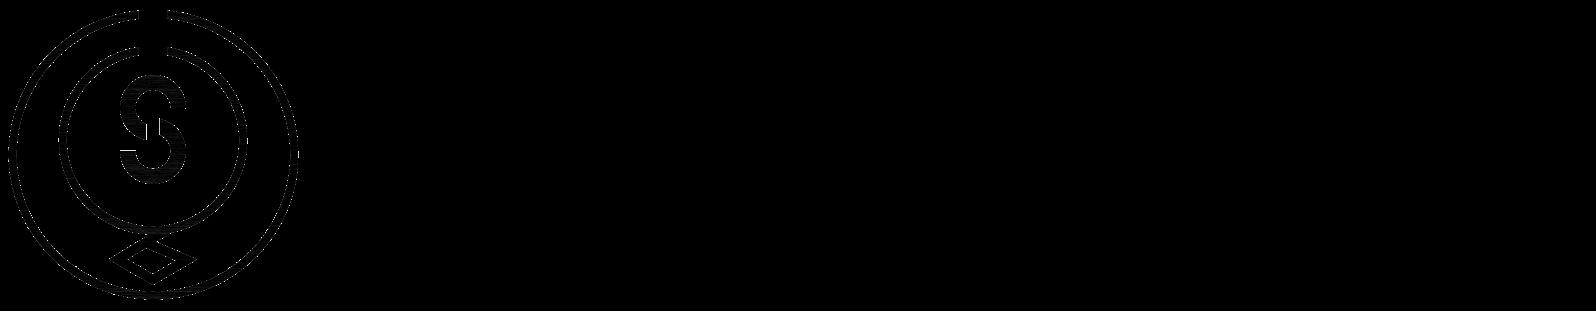 株式会社柴田工業|鍛冶工事・金物製作施工専門工事業者